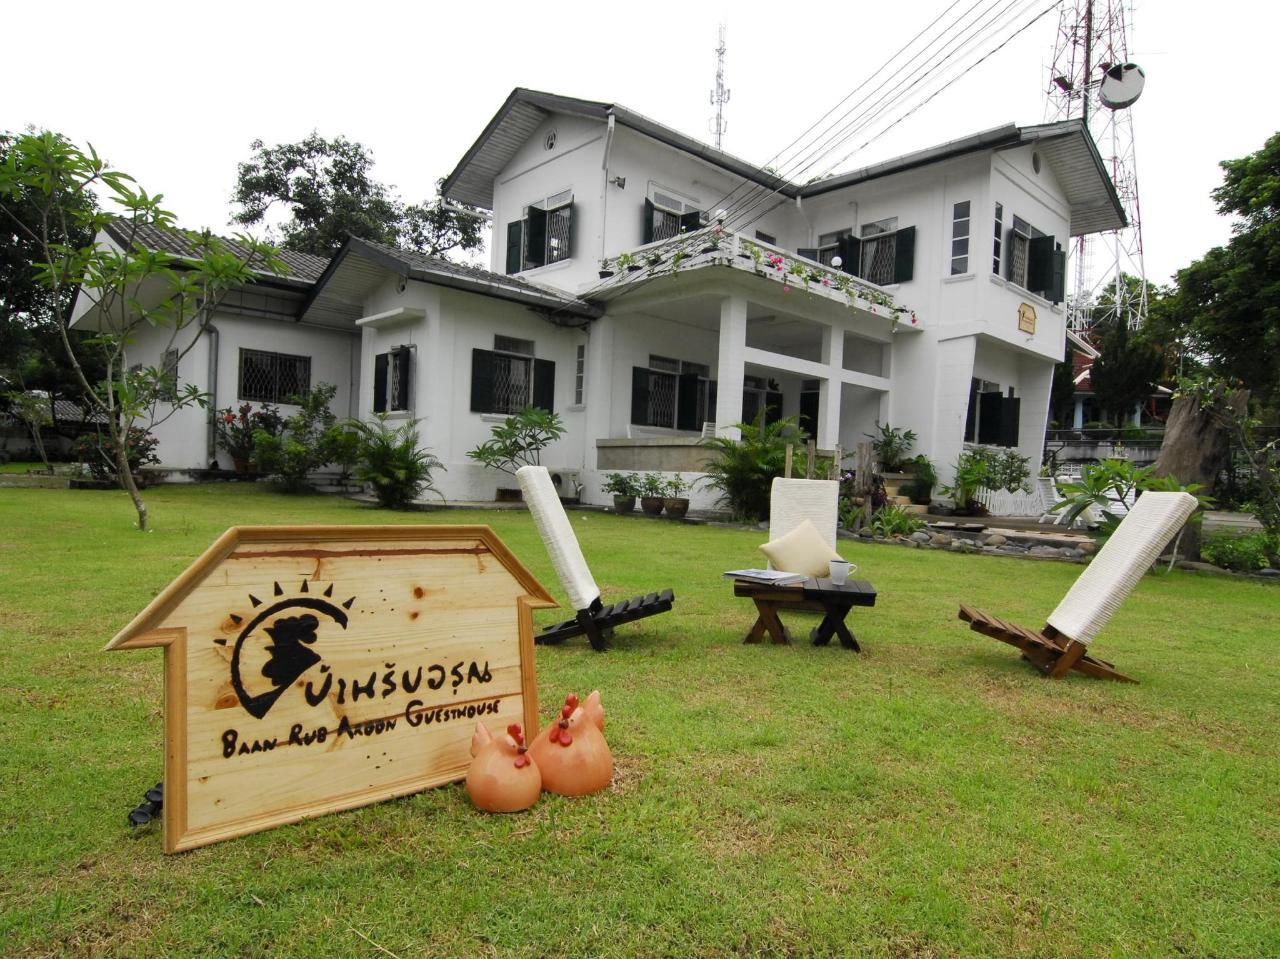 บ้านรับอรุณ เกสต์เฮาส์ (Baan Rub Aroon Guesthouse)